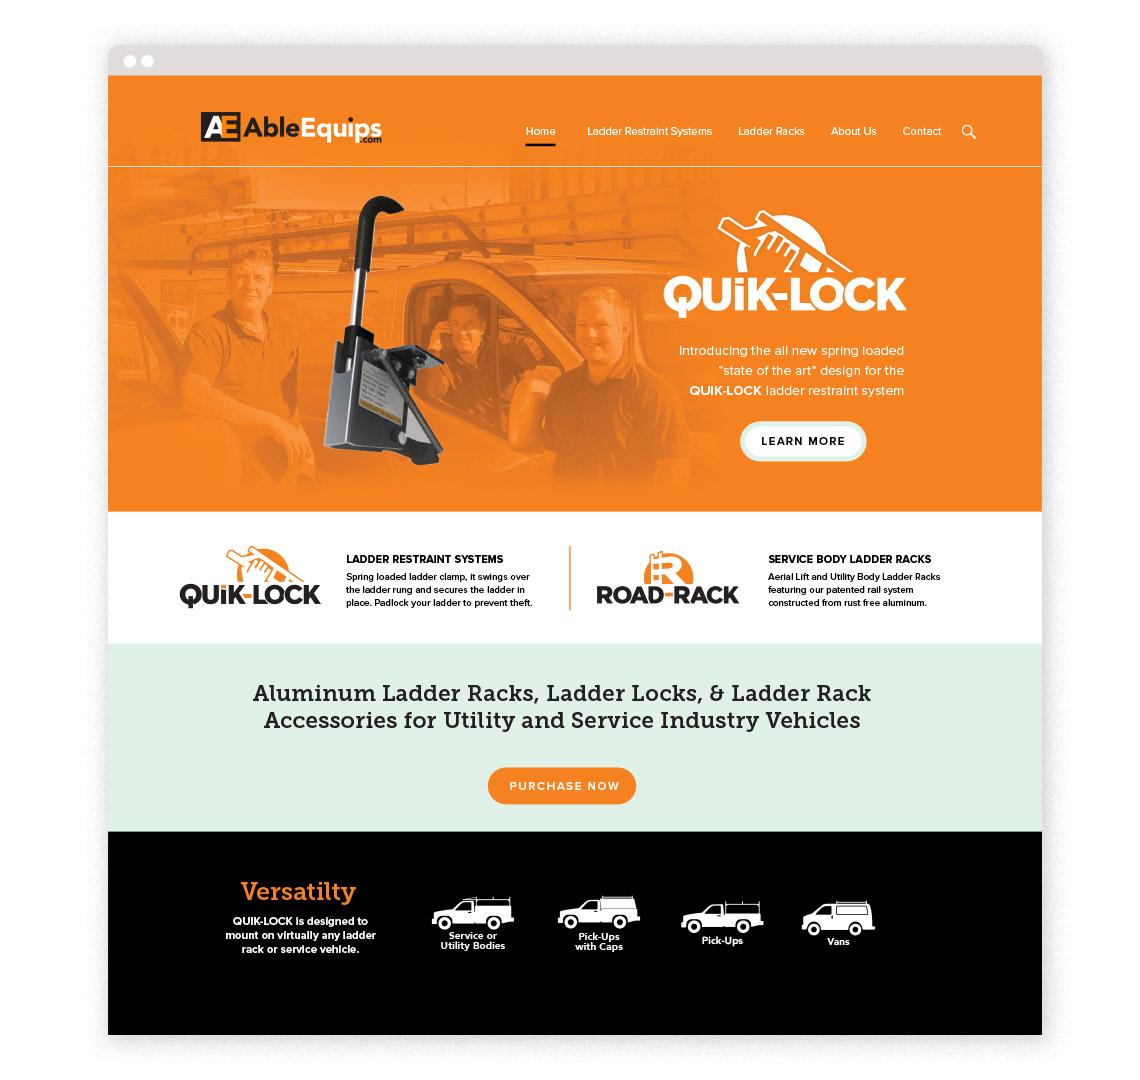 quik-lock-website